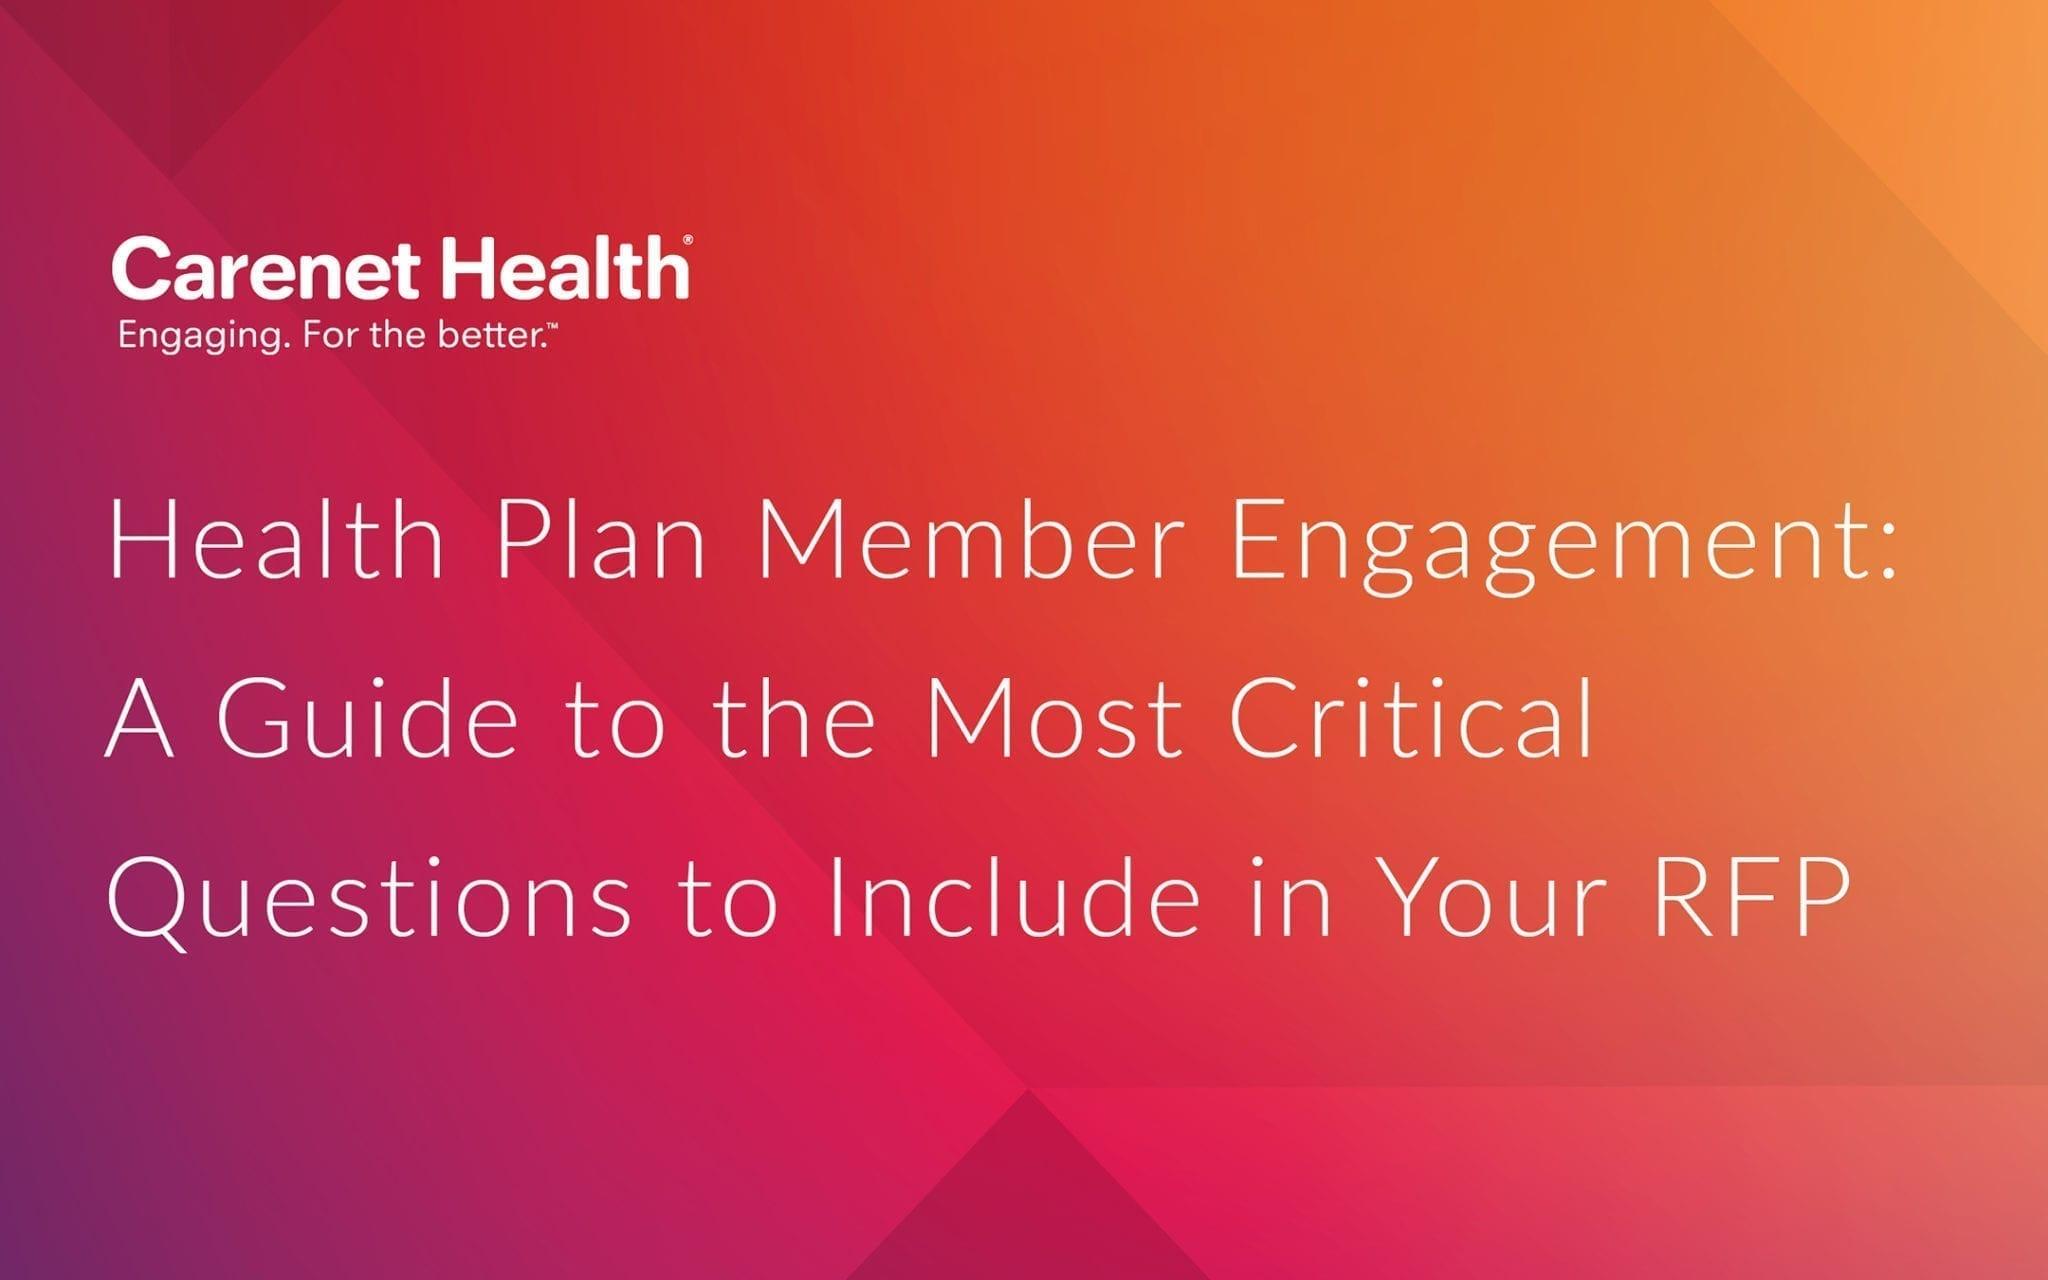 Health Plan Member Engagement Guide